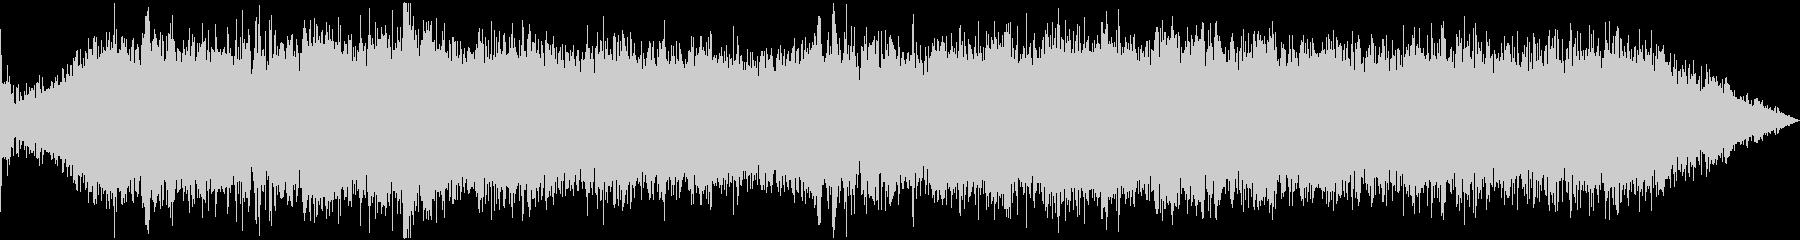 ダークアンビエント_08 インパクトの未再生の波形